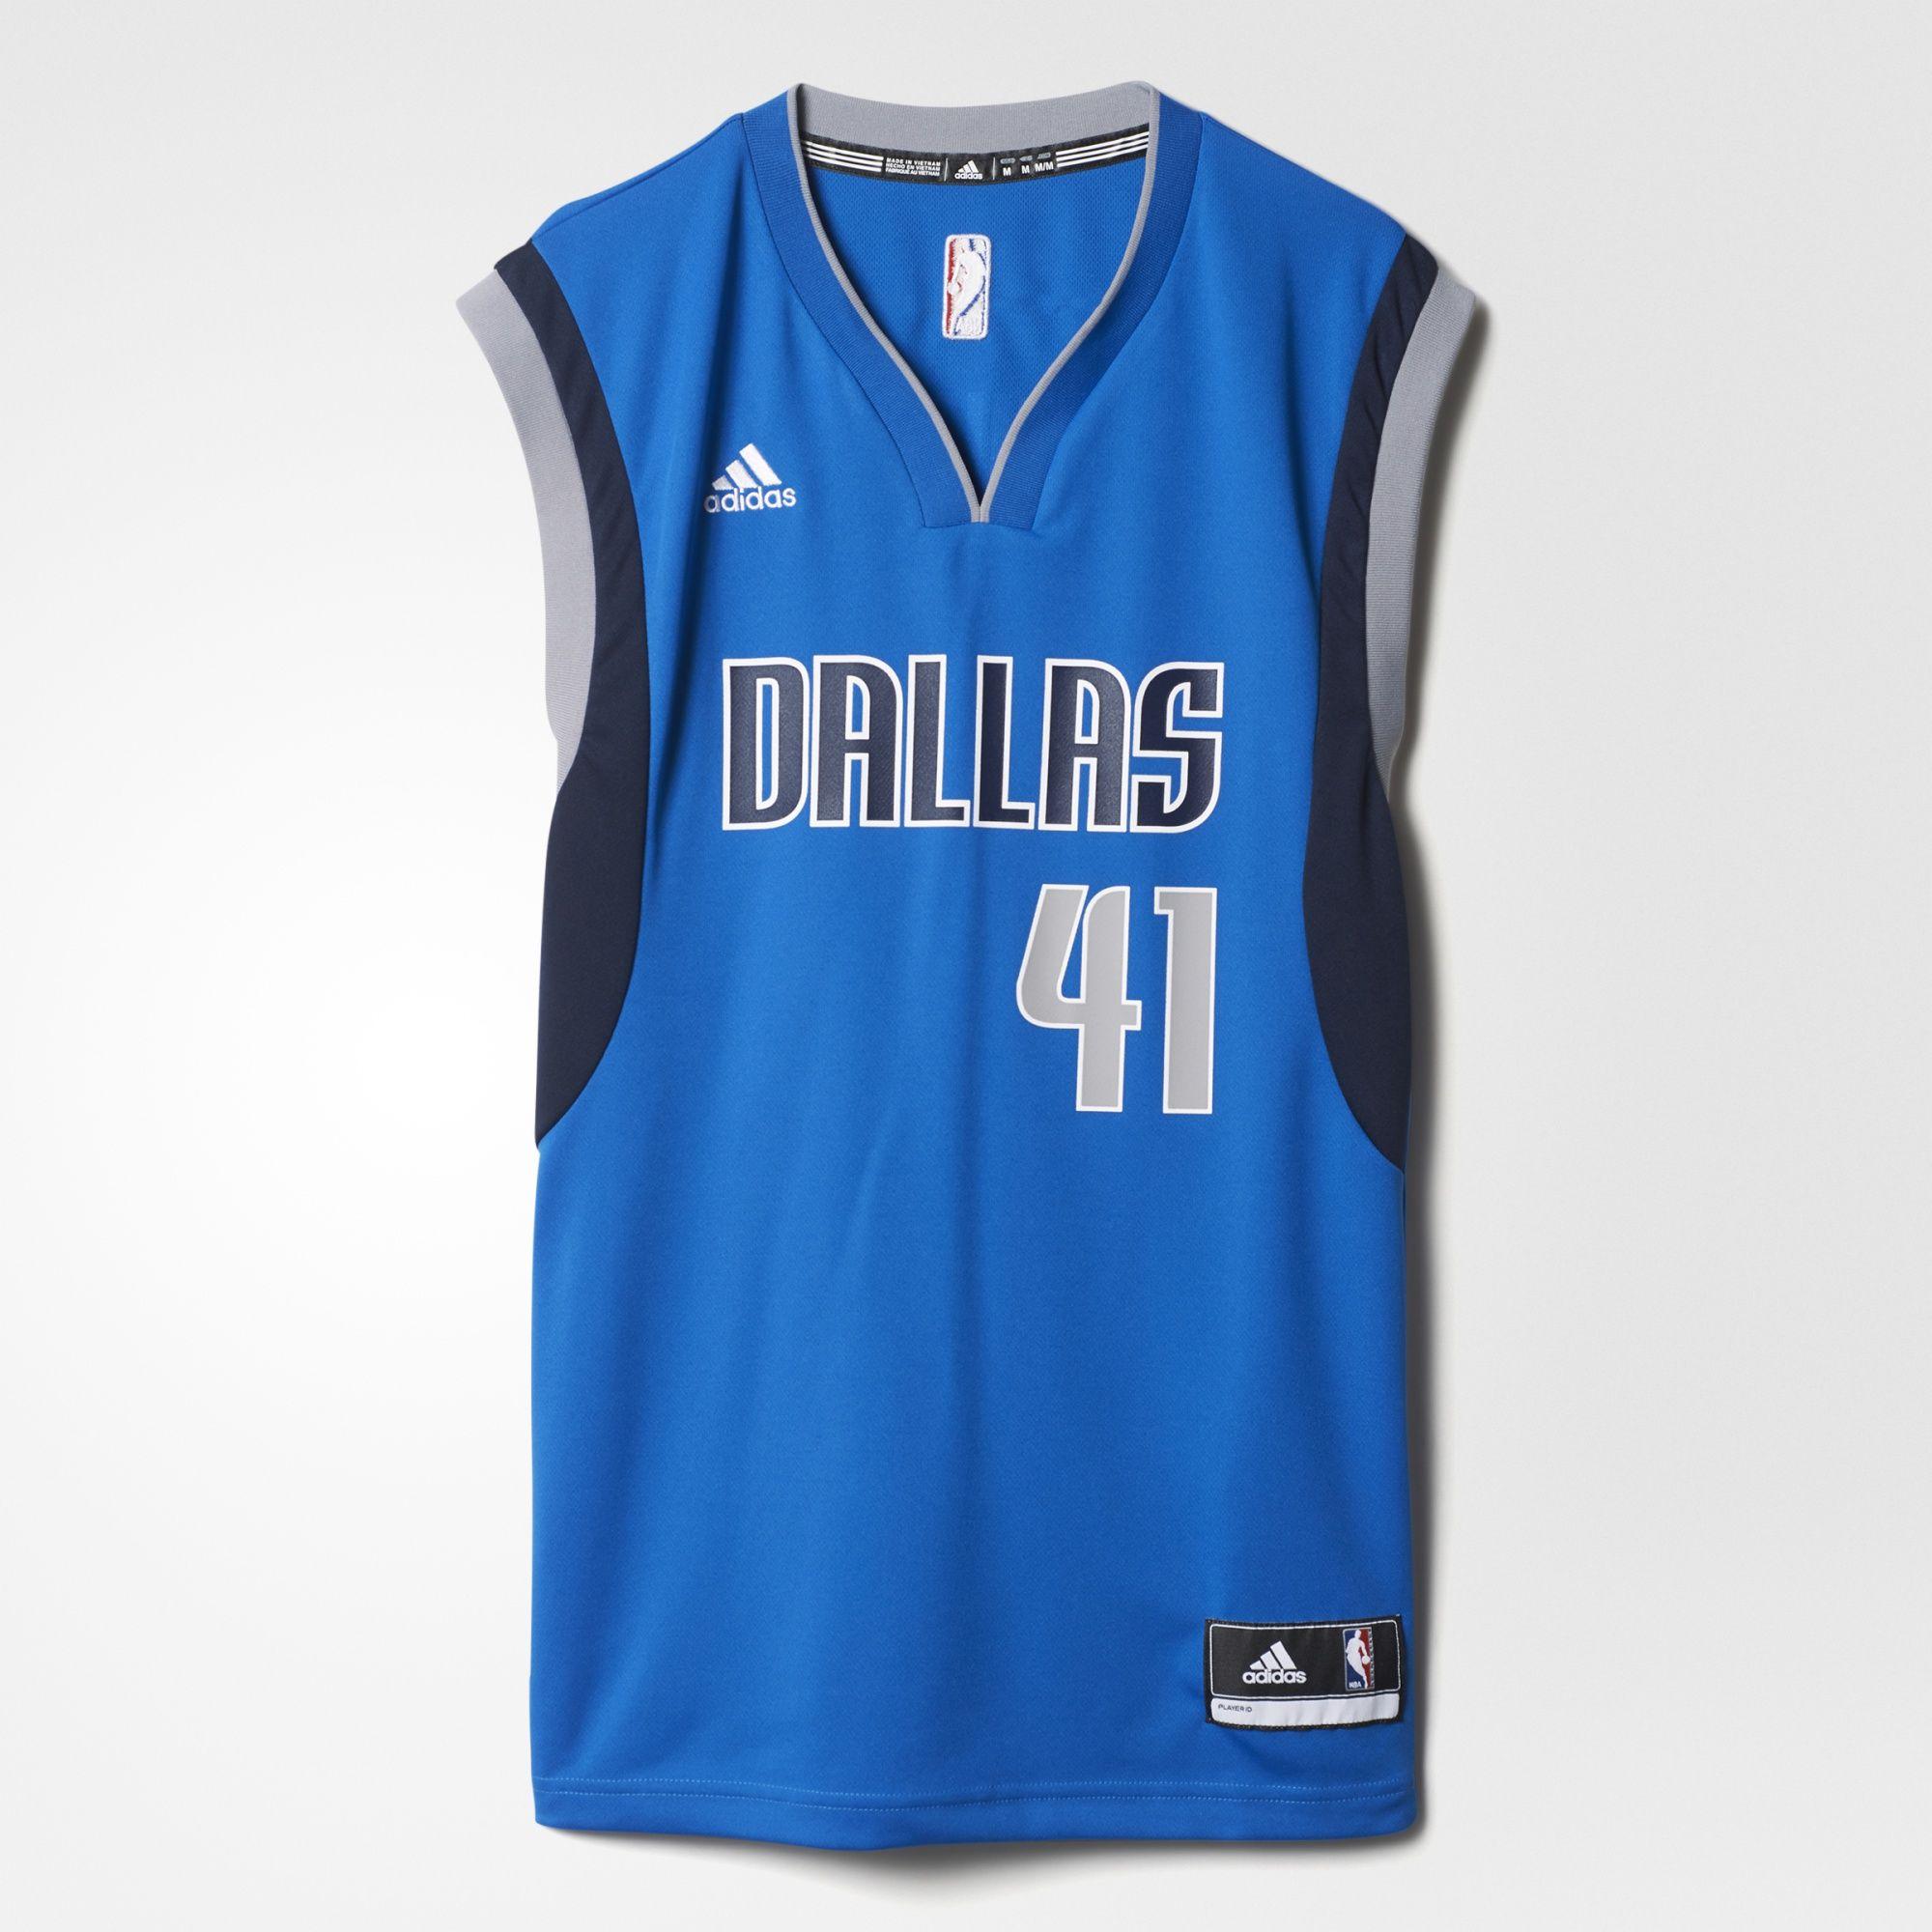 Adidas Dallas Mavericks Jersey mit Dirk Nowitzki Flock (Gr. XS - XL) für 44,99€ inkl. Versand  bei Amazon Buy VIP /